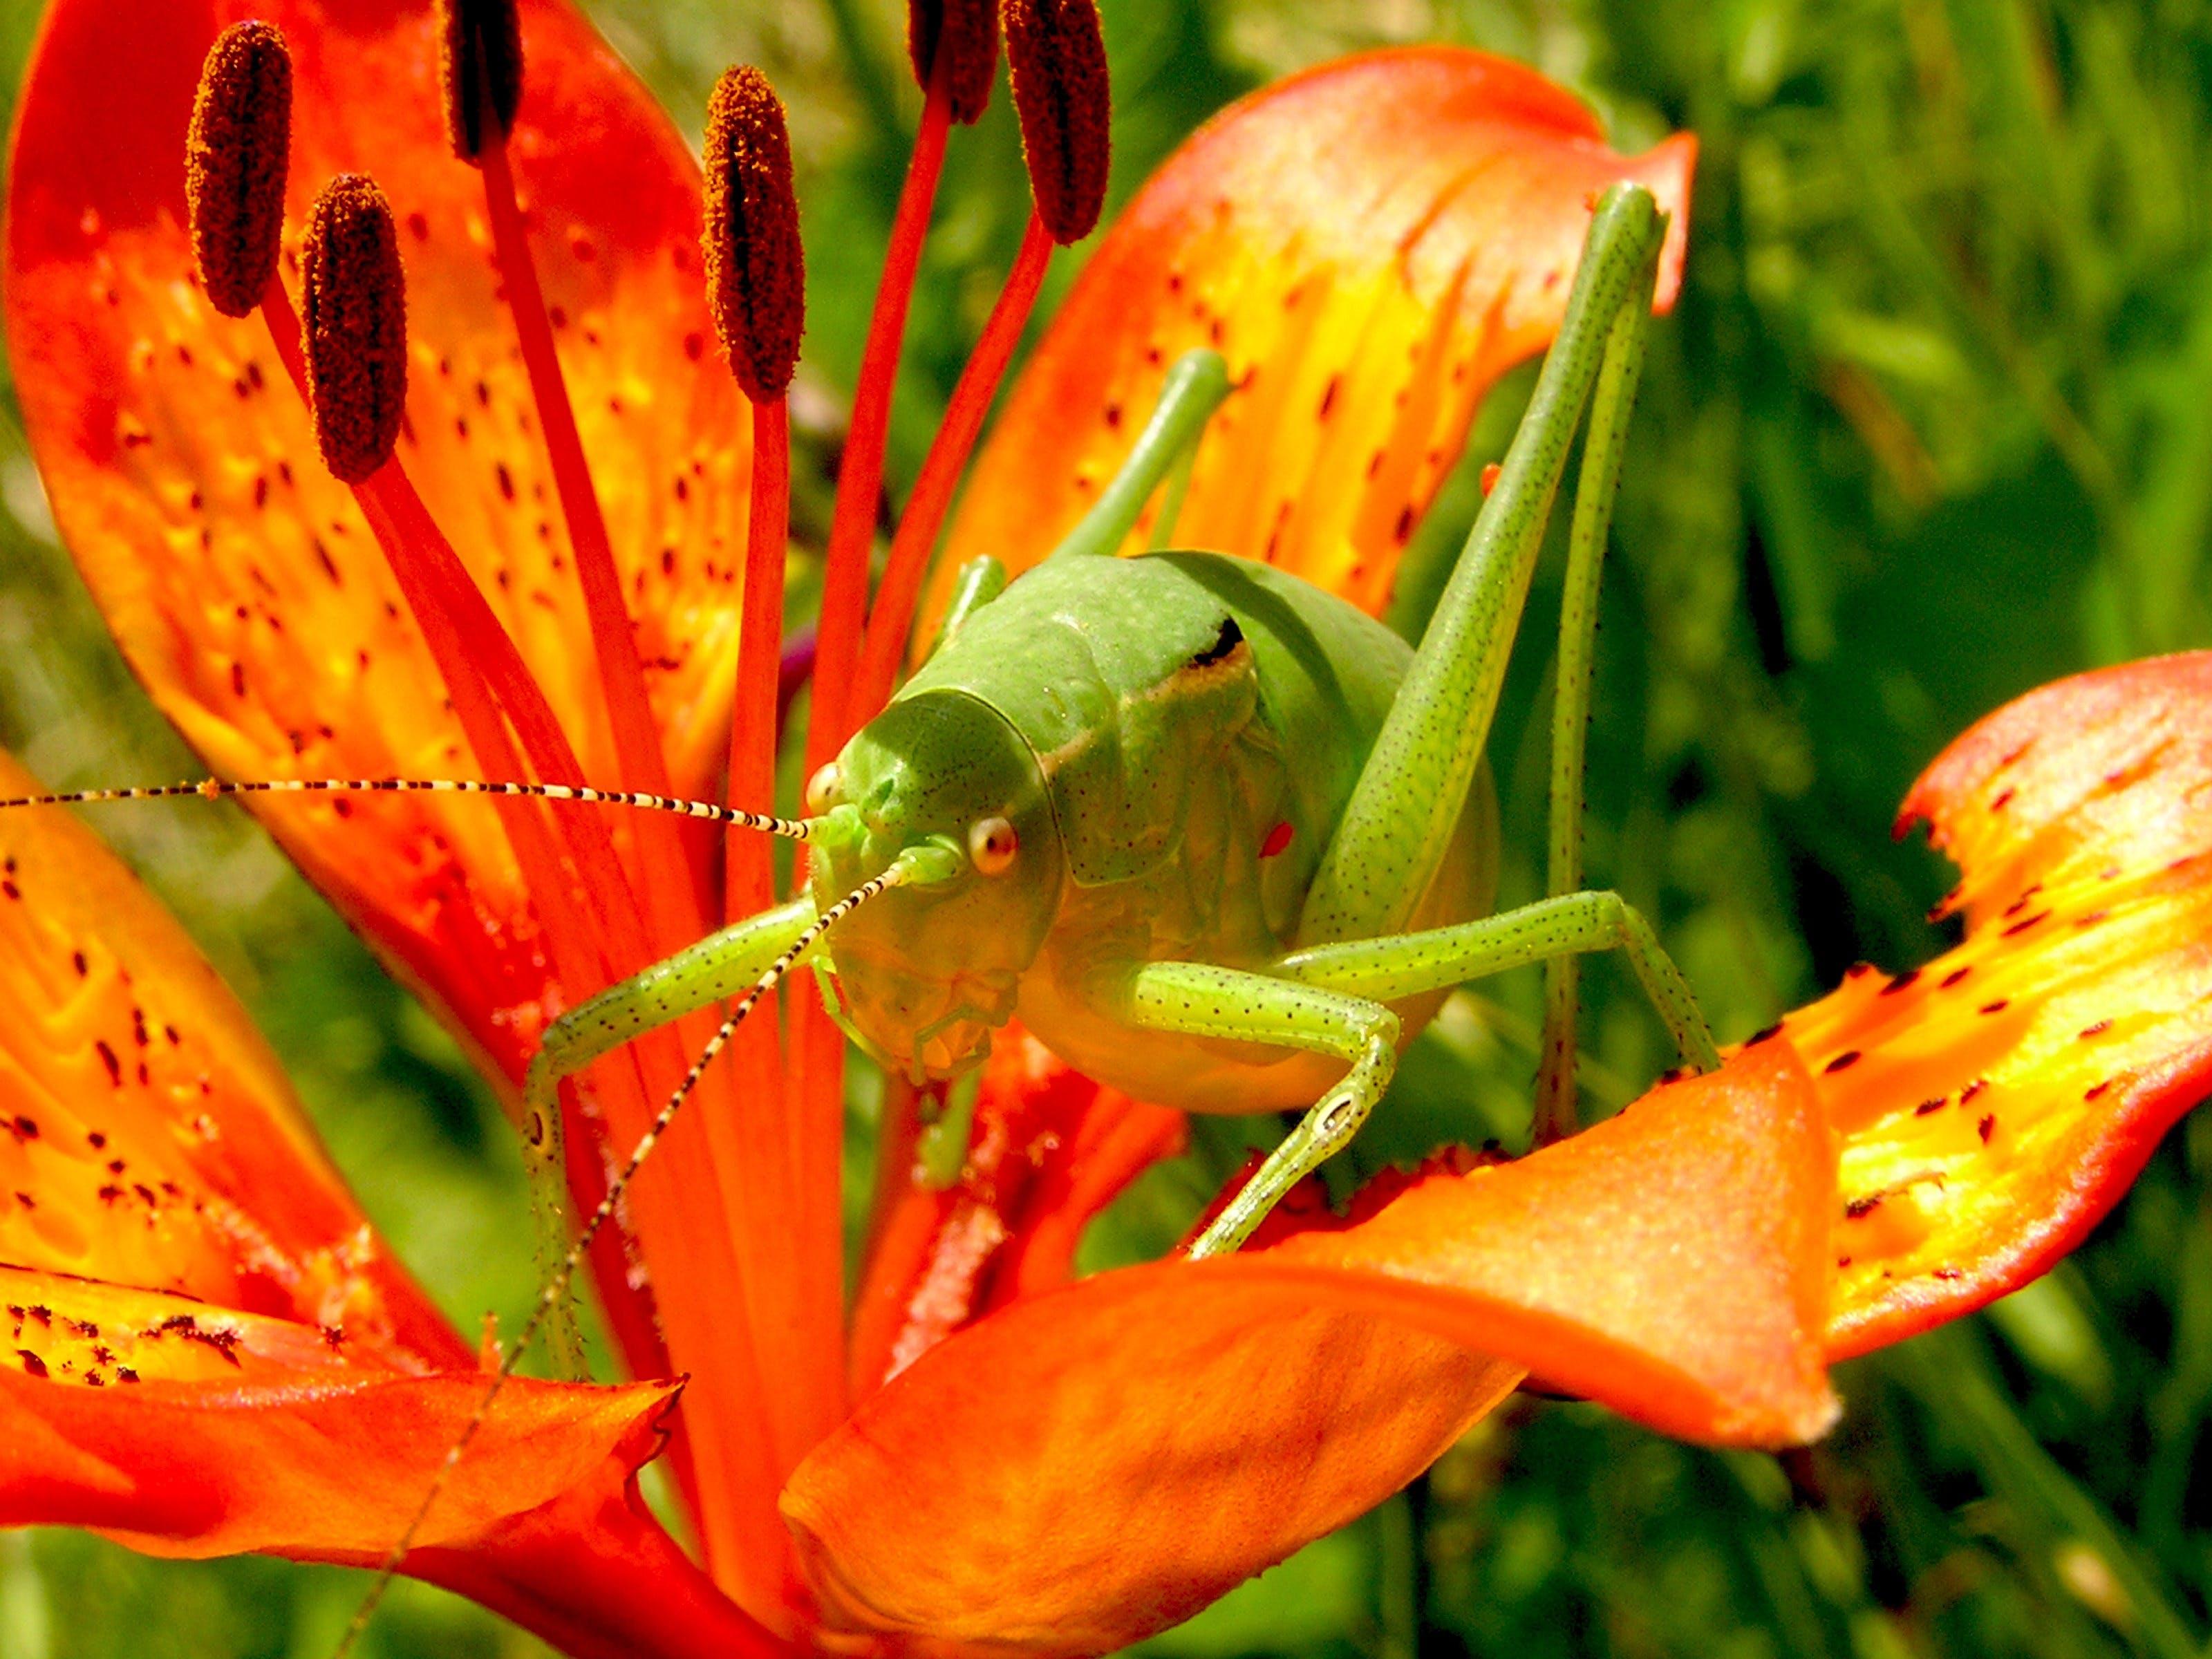 Green Grasshopper on Red 5 Petaled Flower